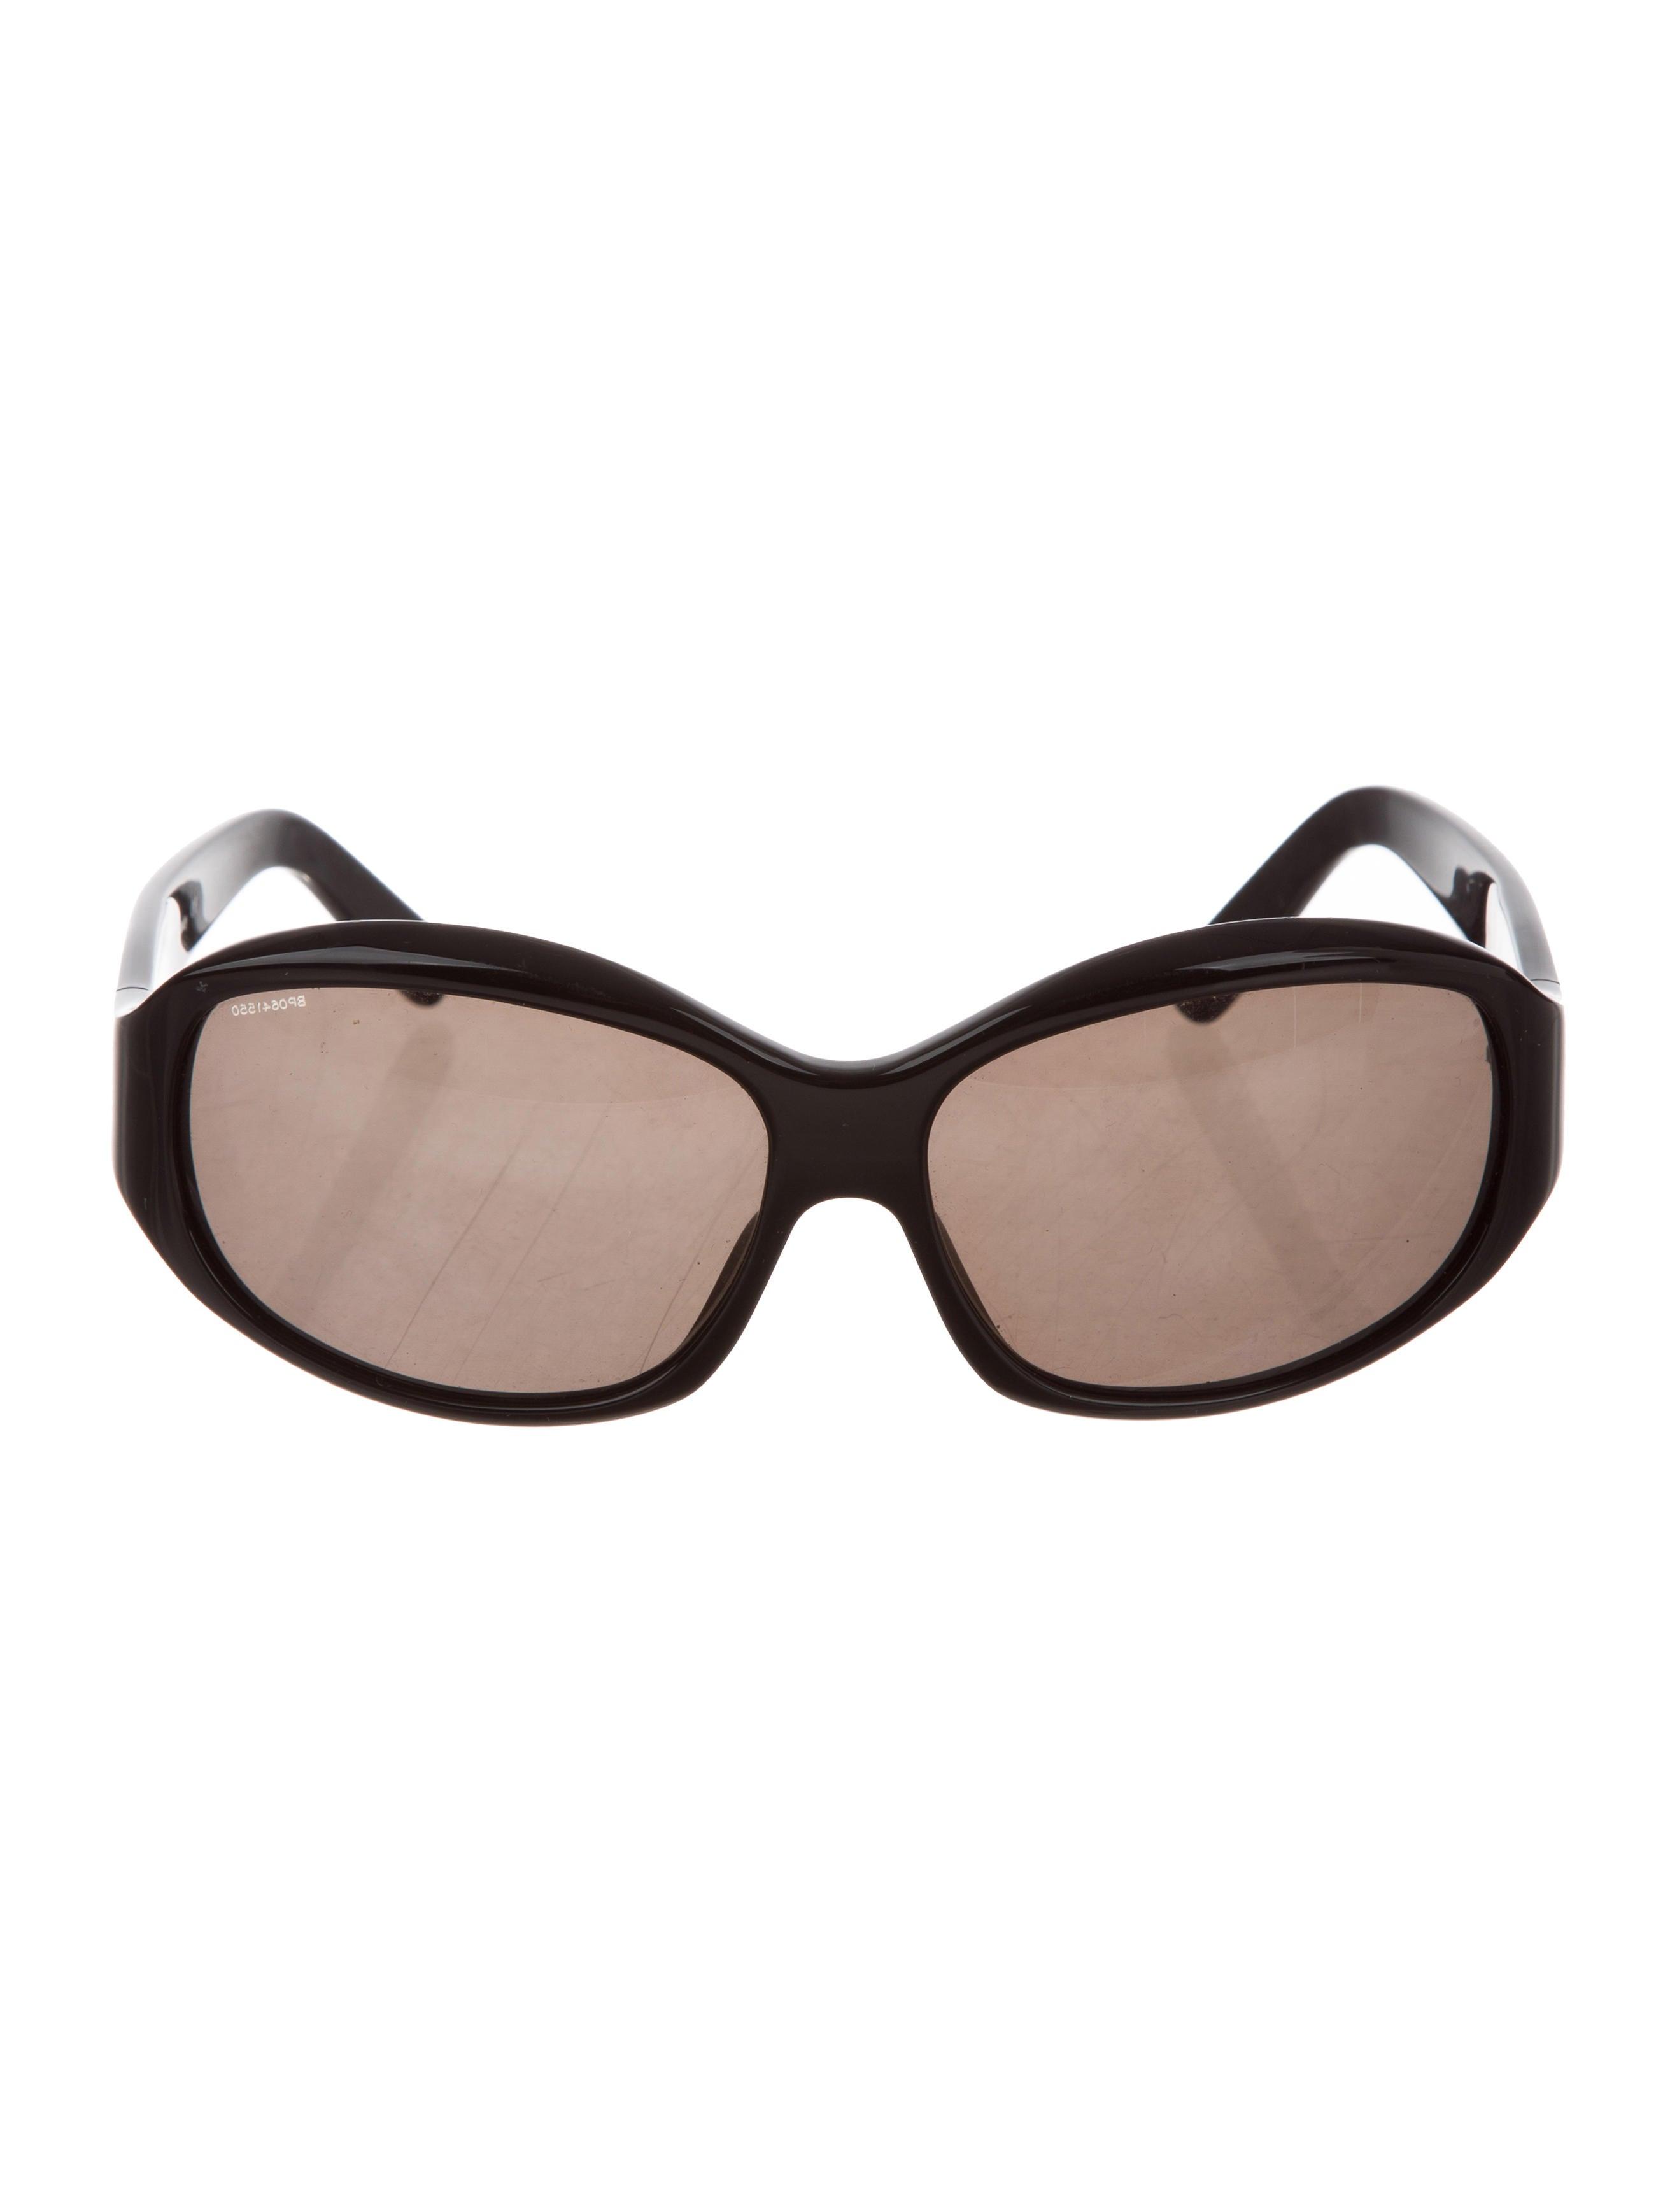 2aea27865bb Prada Tinted Round Sunglasses - Accessories - PRA277216